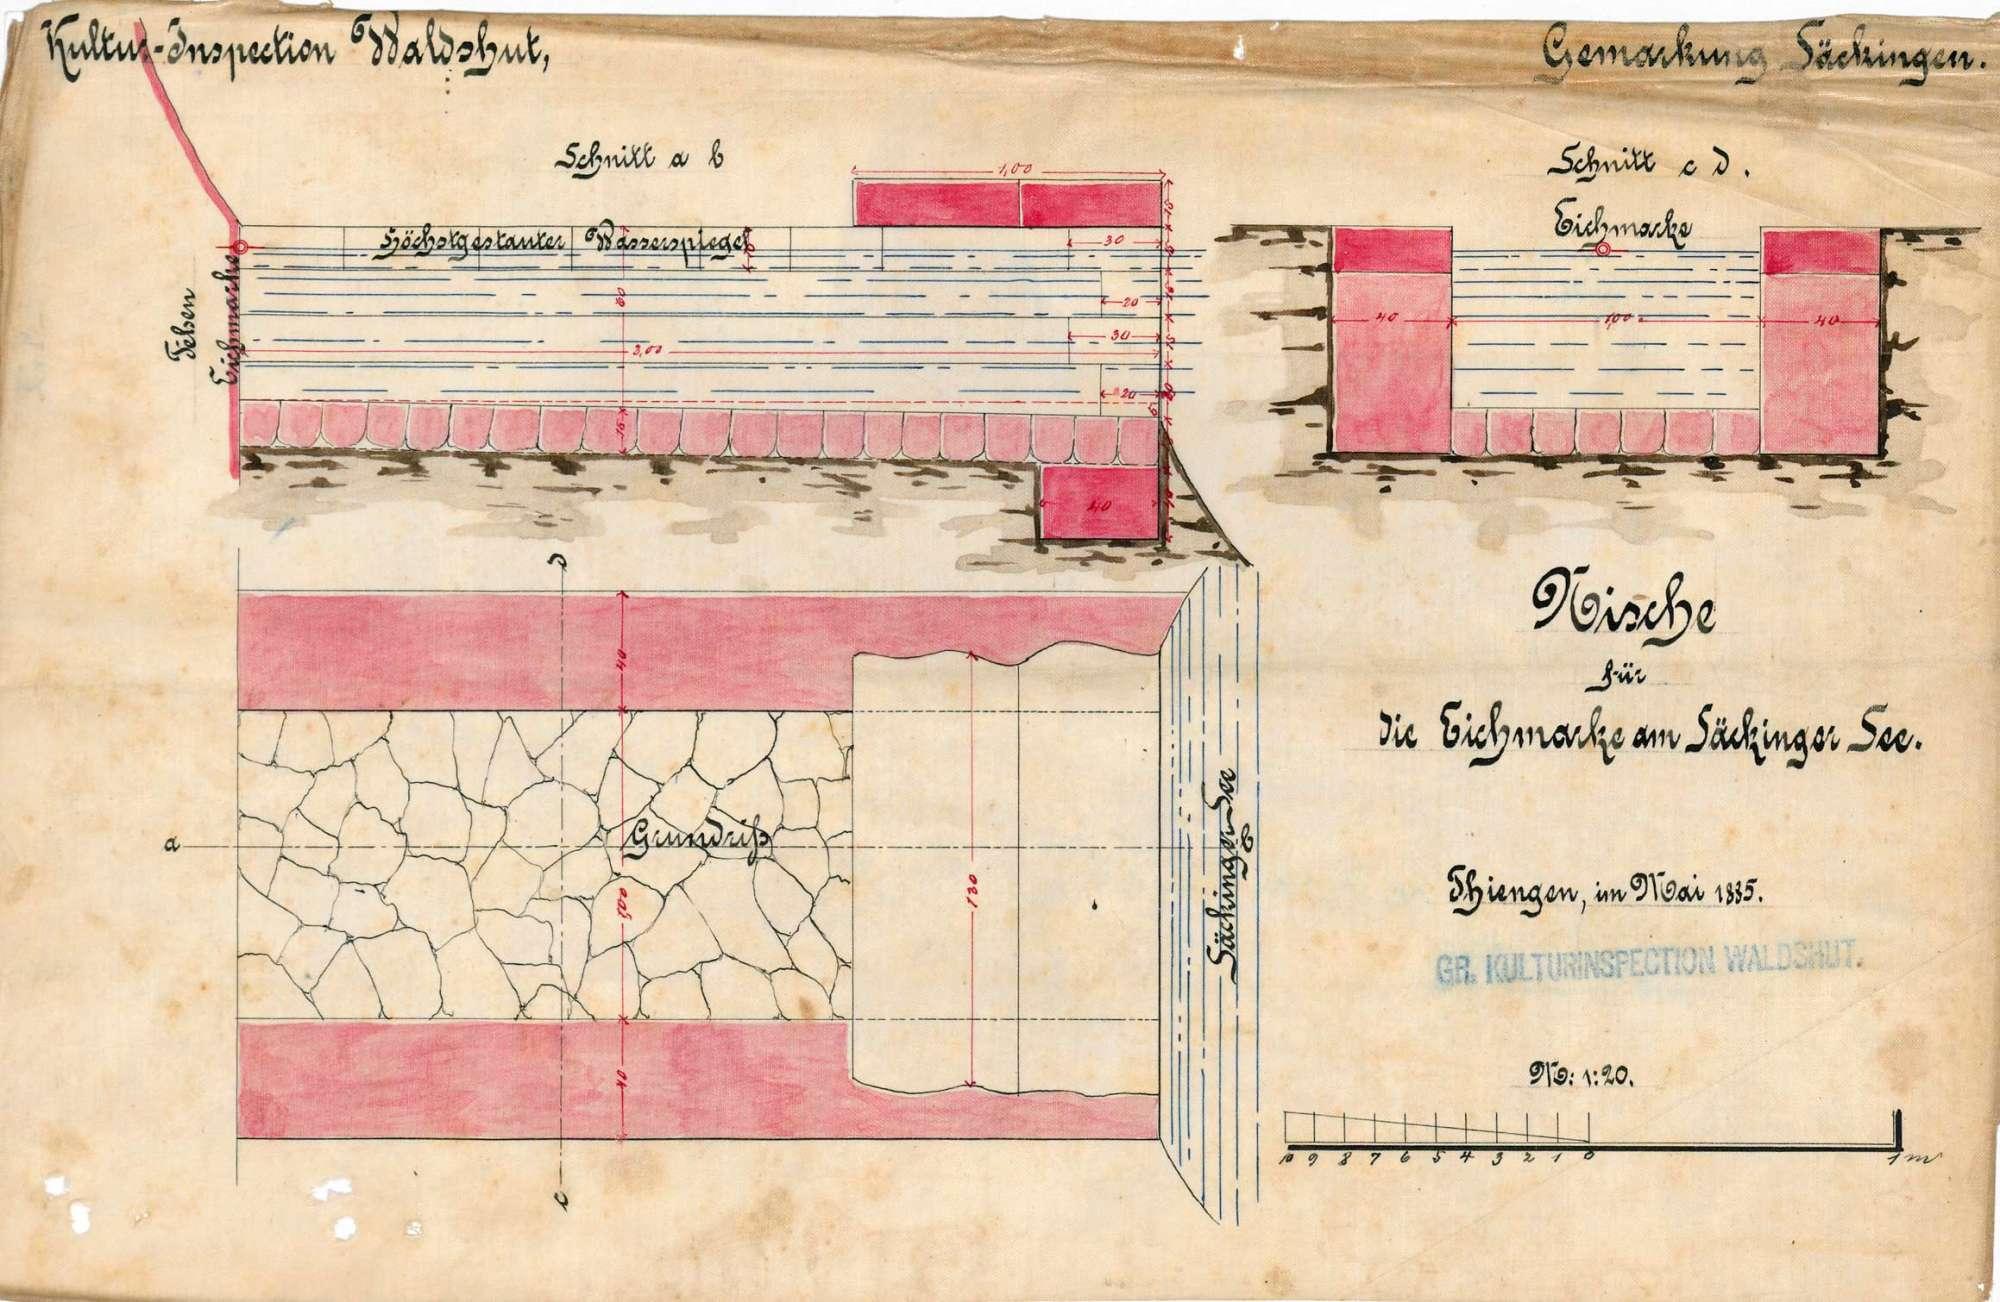 Rechtsverhältnisse bezüglich des Heidenwuhrs und des Bergsees auf Gemarkung Säckingen; Setzung einer Eichmarke am Bergsee/Säckinger See, Bild 1